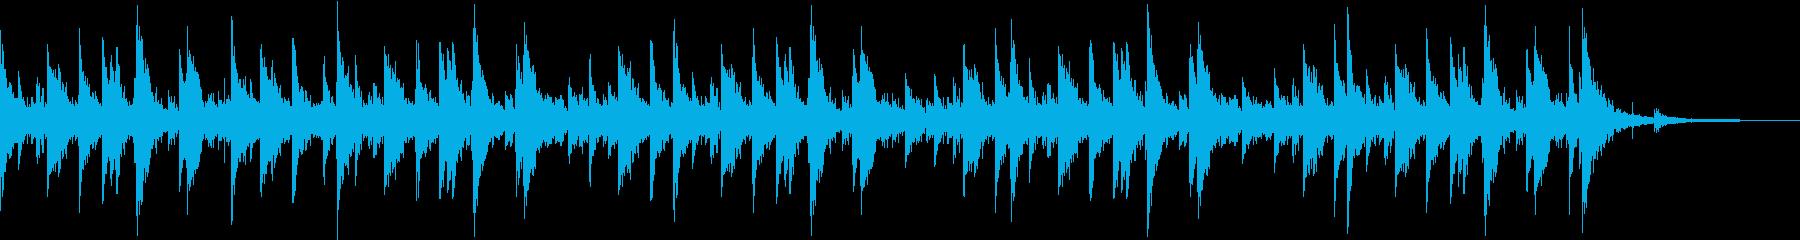 和太鼓の乱打 ランダムドラムロールの再生済みの波形